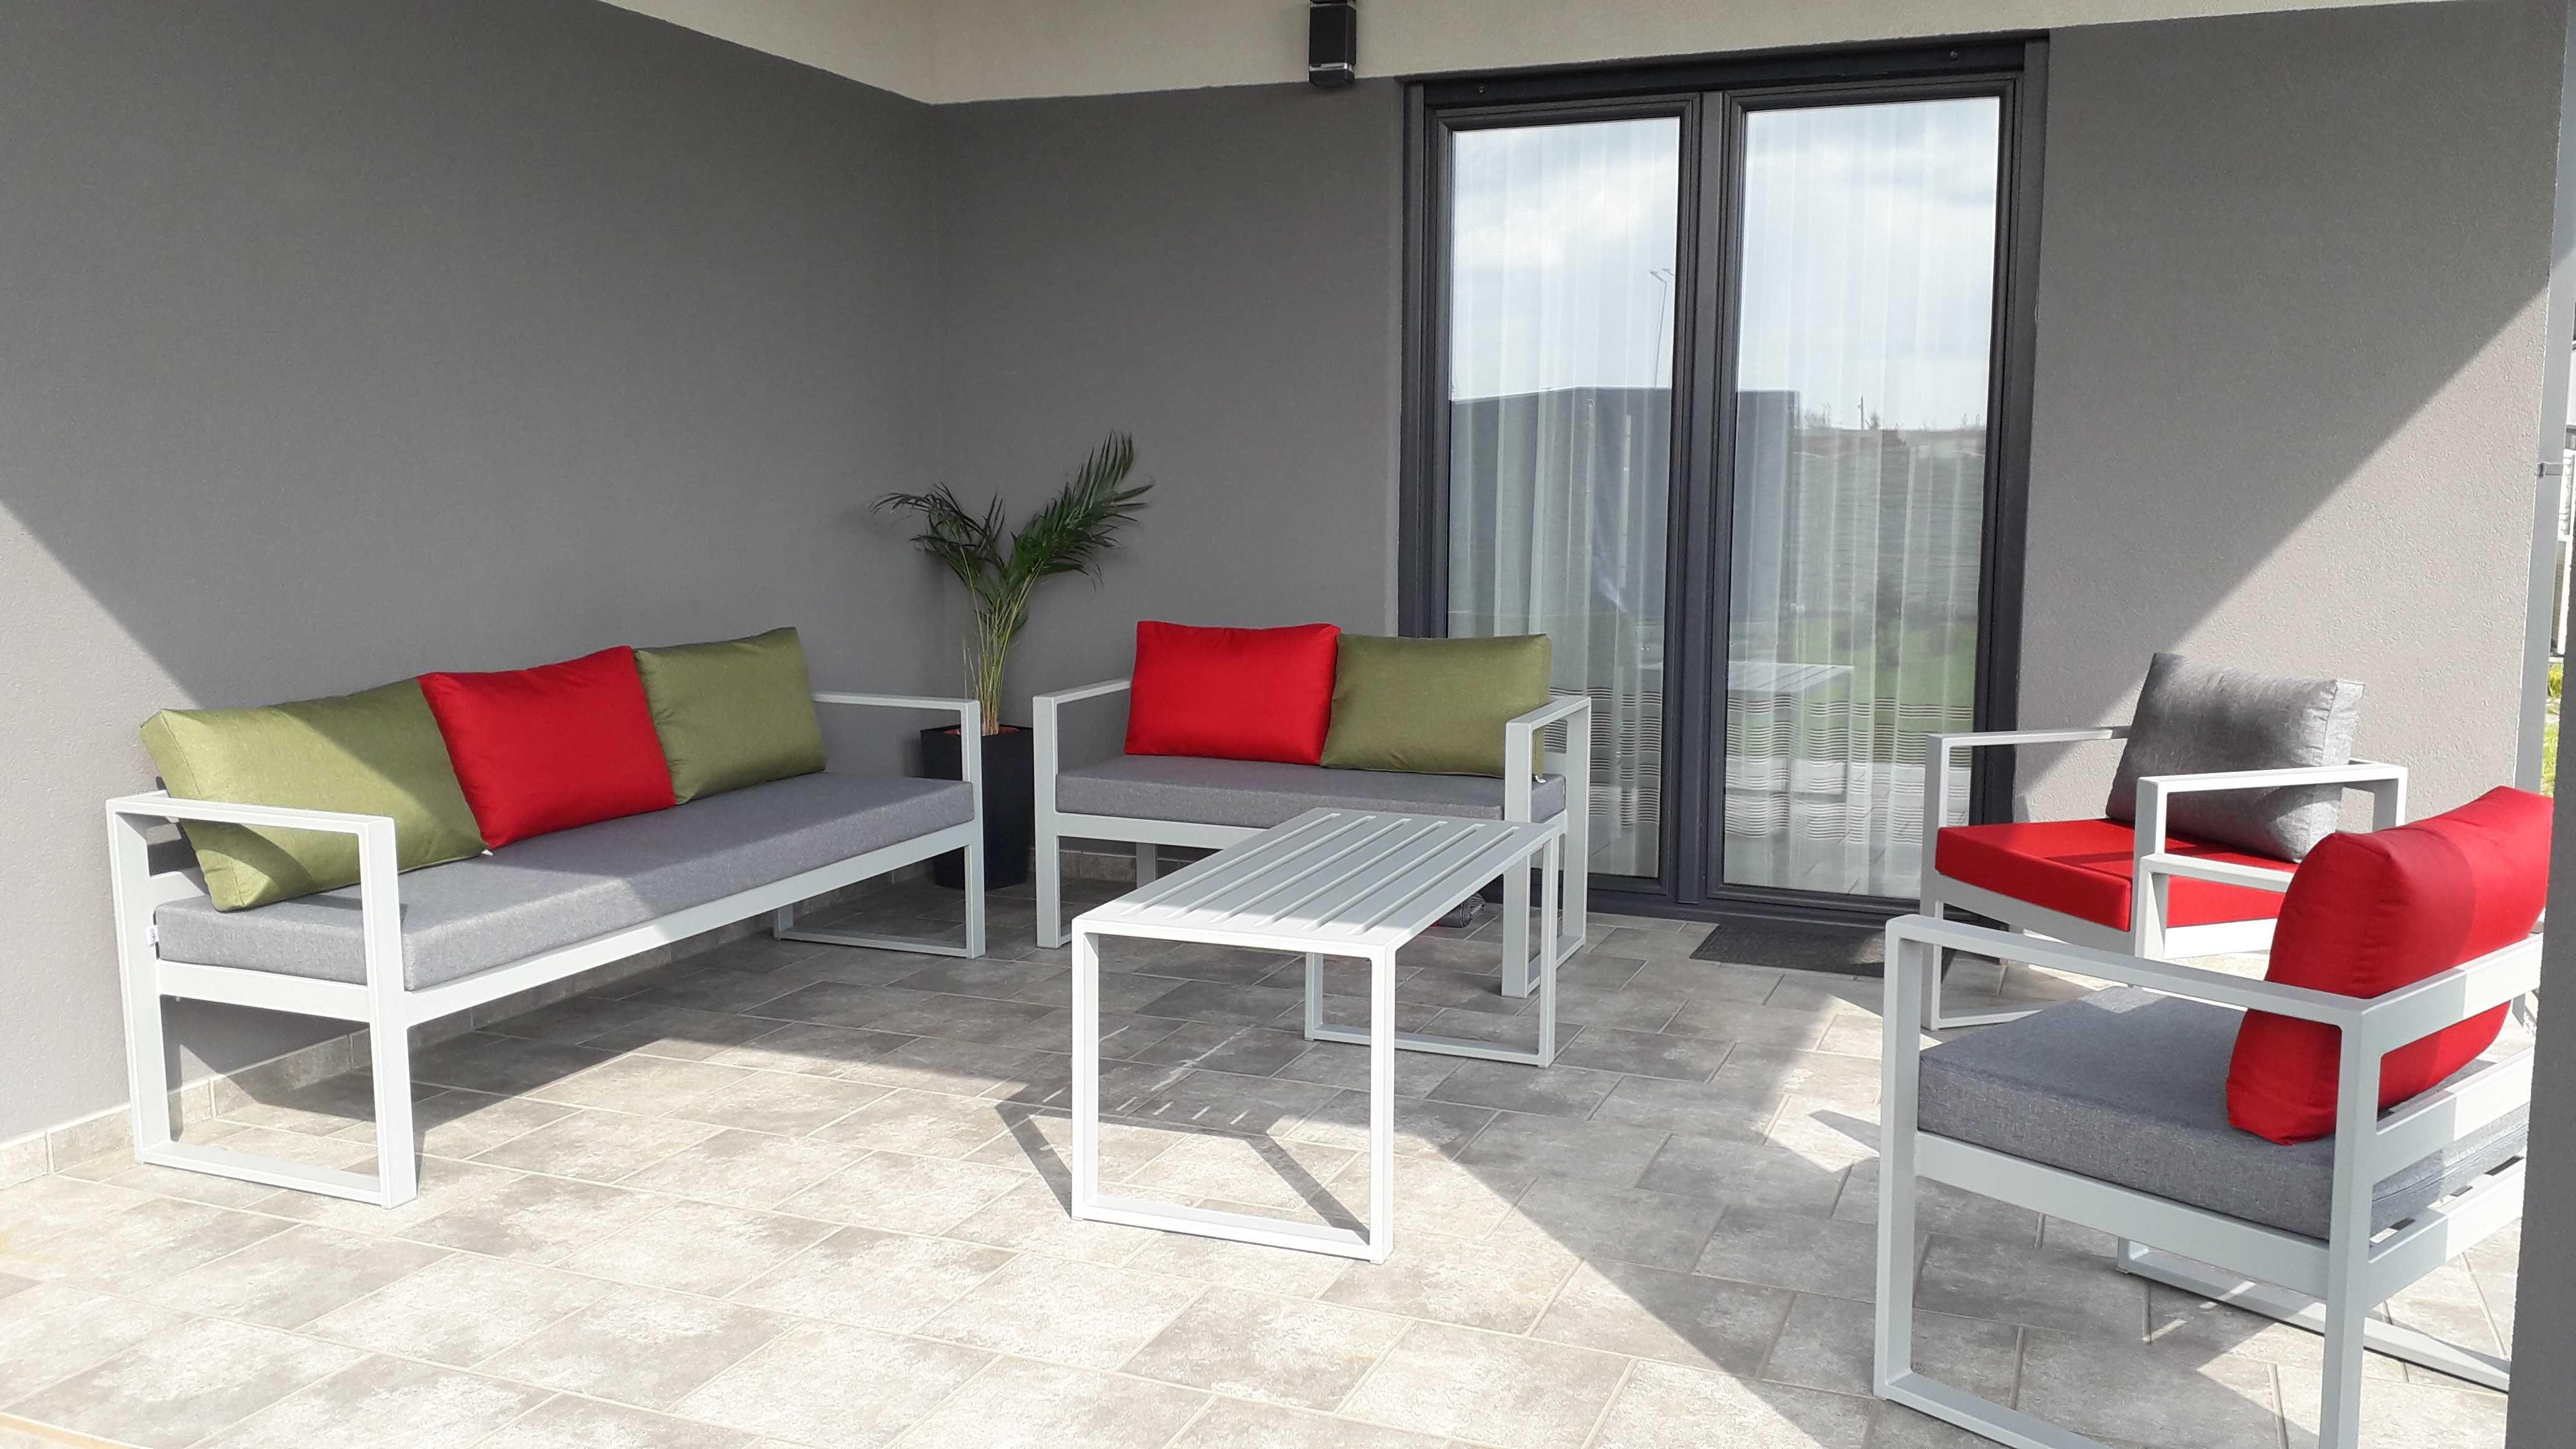 Meble stalowe (metalowe) na ogród + poduszki ogrodowe wodoodporne